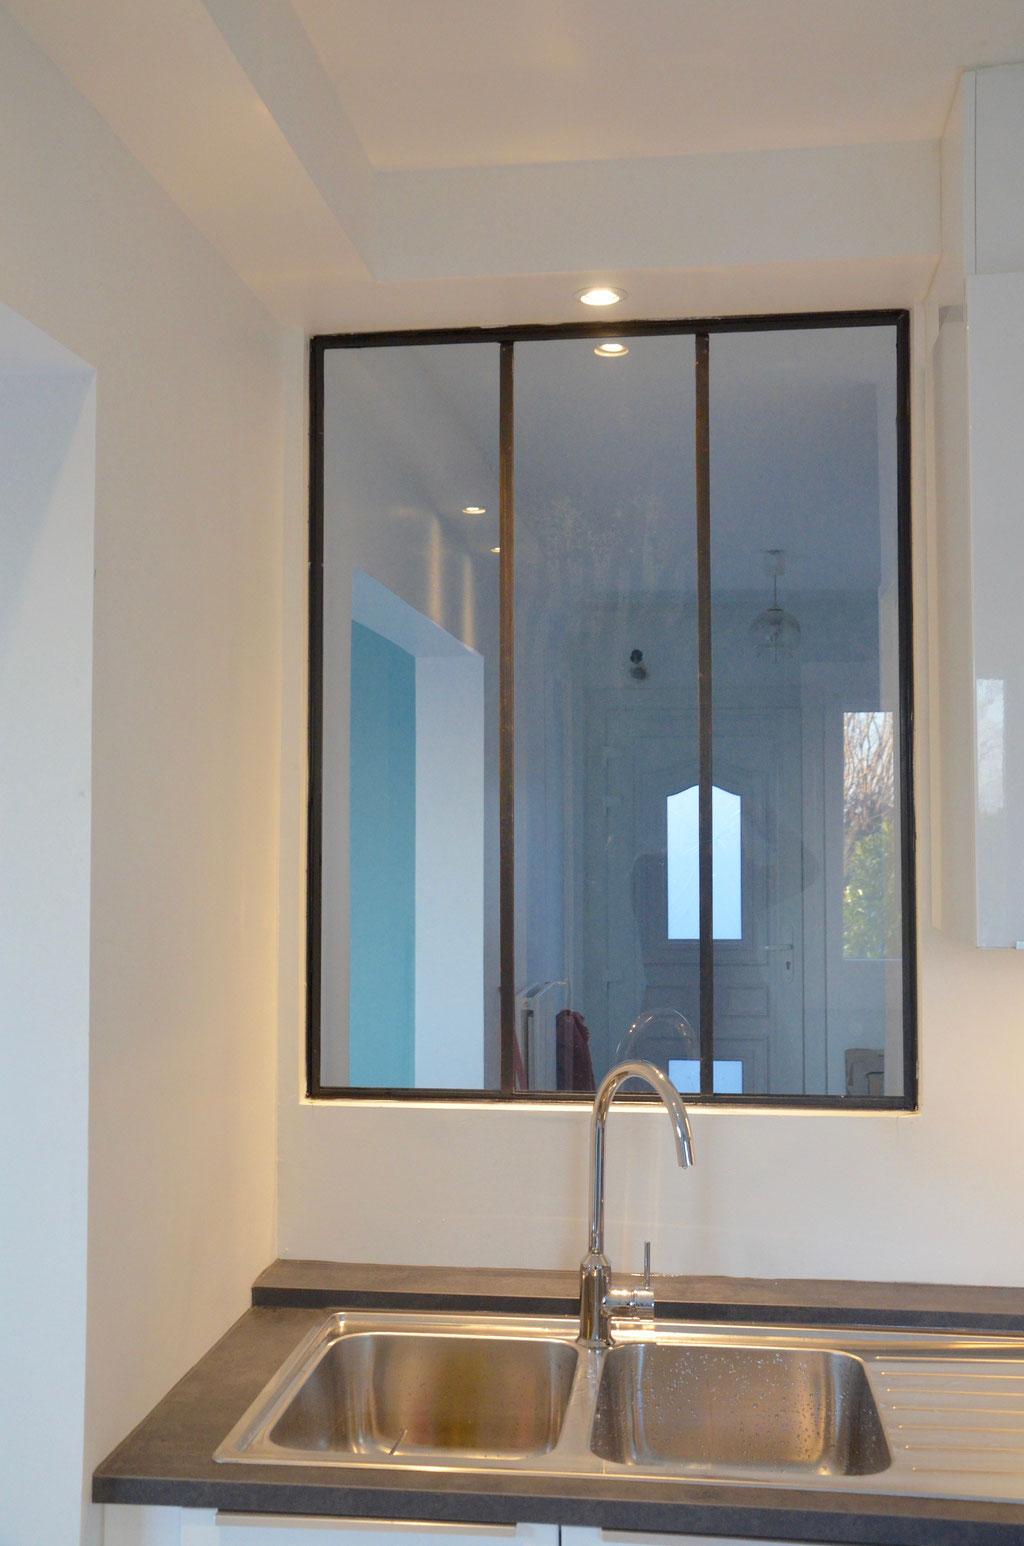 AL Intérieurs, agence architecture intérieur et décoration lyon, rénovation d'une cuisine design avec verrière